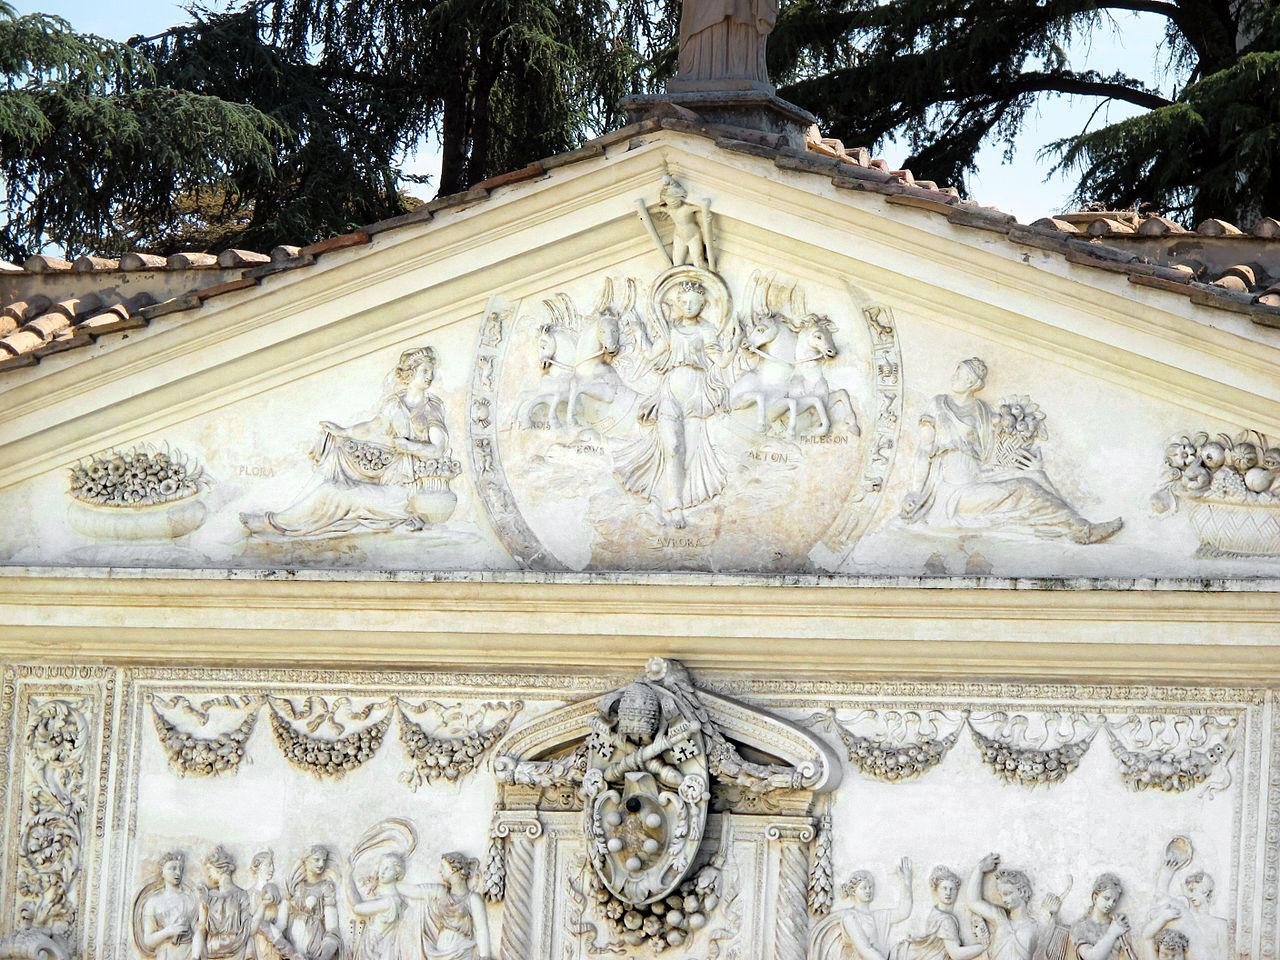 достопримечательности ватикана фото вила пия сады ватикана